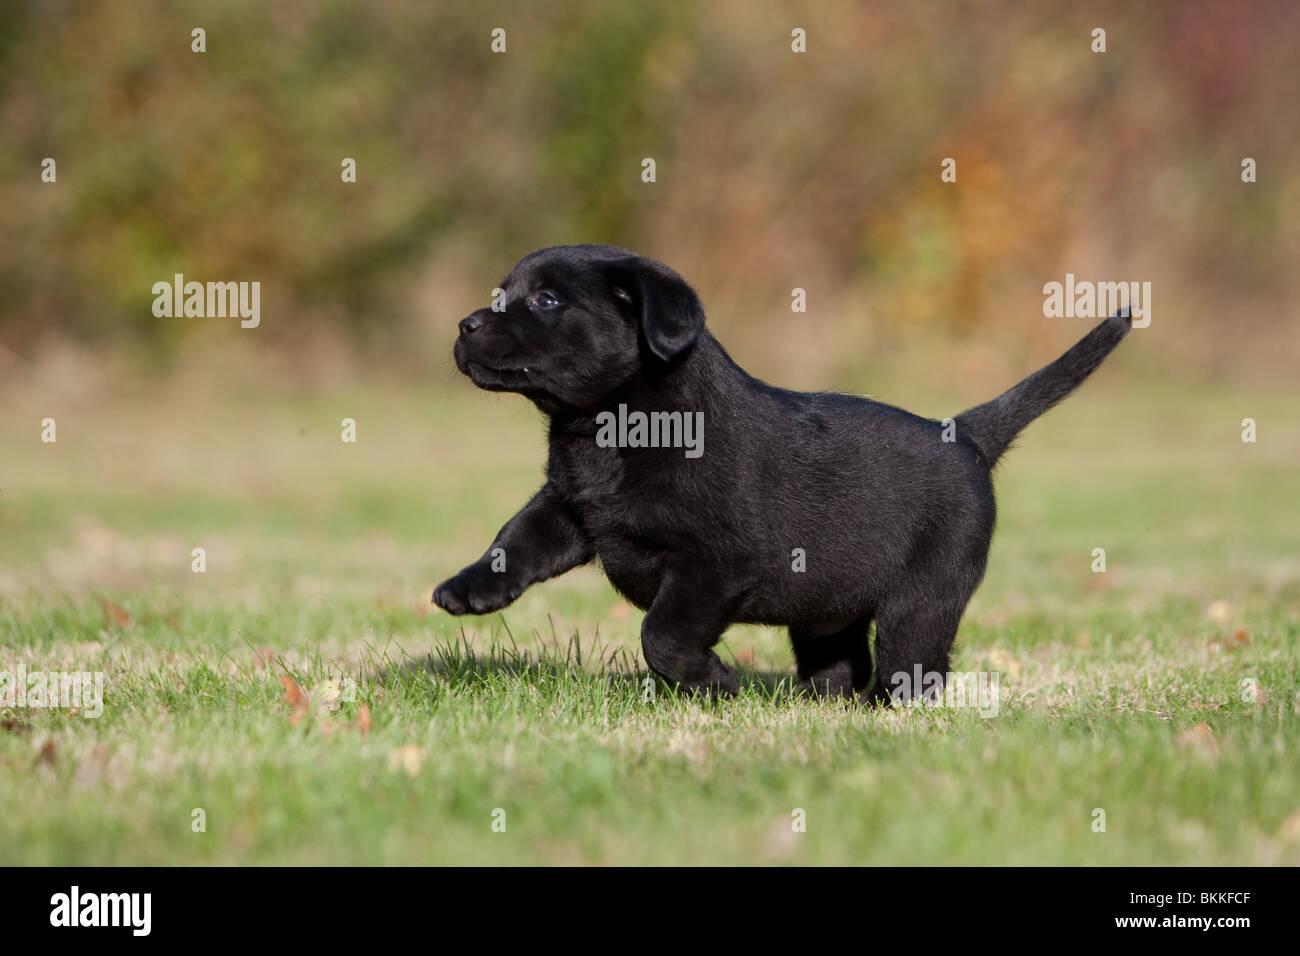 Labrador Retriever Puppy - Stock Image